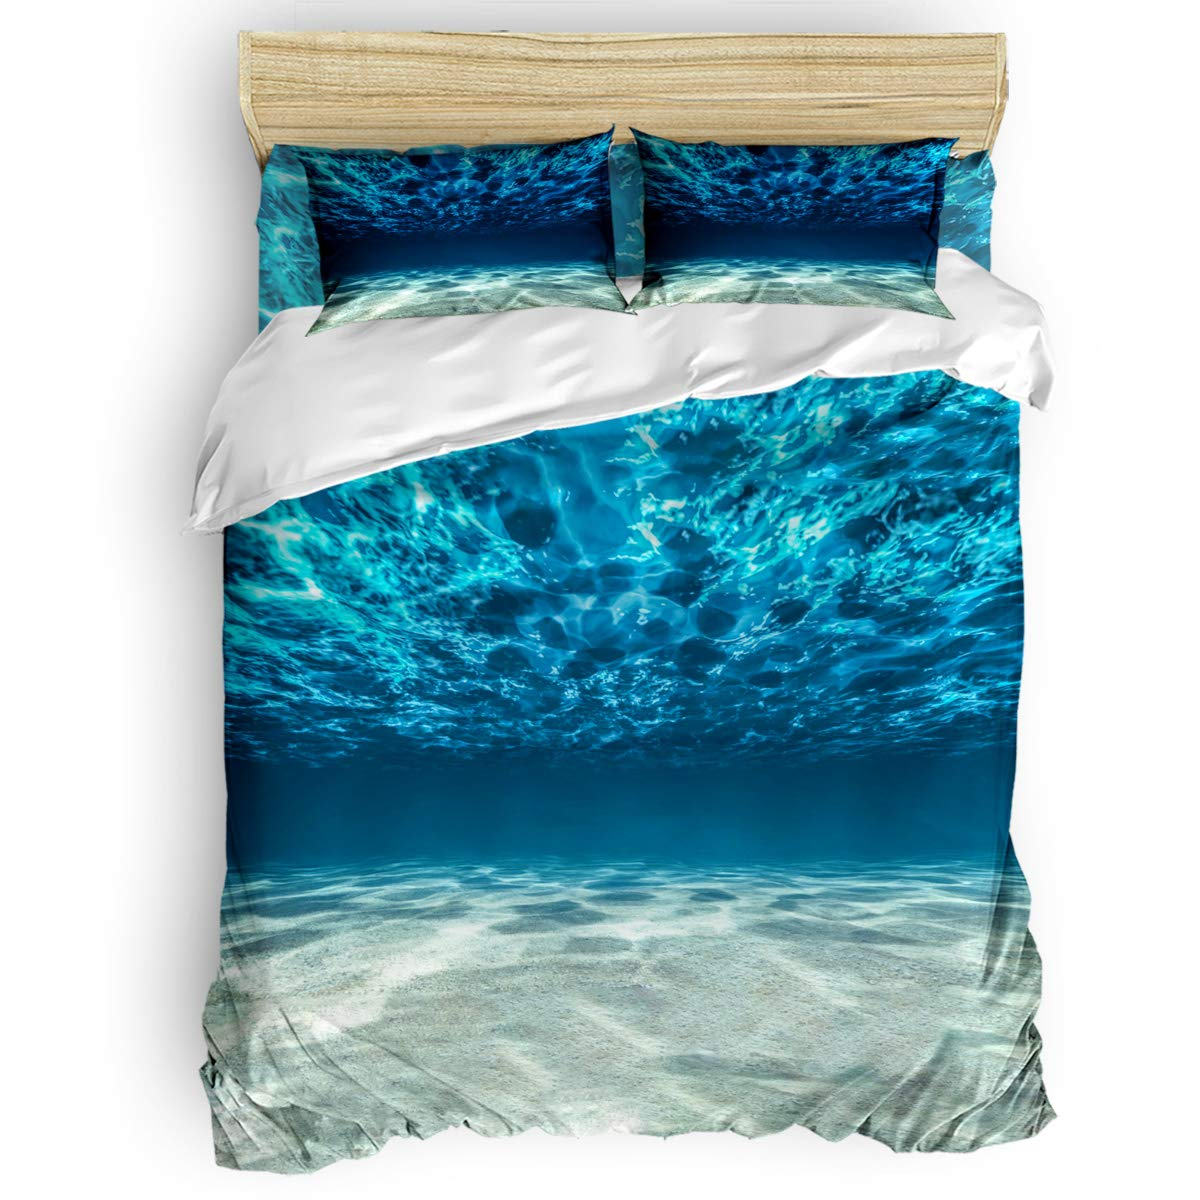 掛け布団カバー 4点セット 美しい熱帯 椰子の木 緑 寝具カバーセット ベッド用 べッドシーツ 枕カバー 洋式 和式兼用 布団カバー 肌に優しい 羽毛布団セット 100%ポリエステル キング B07TC3MKFR Beach32LAS0697 キング